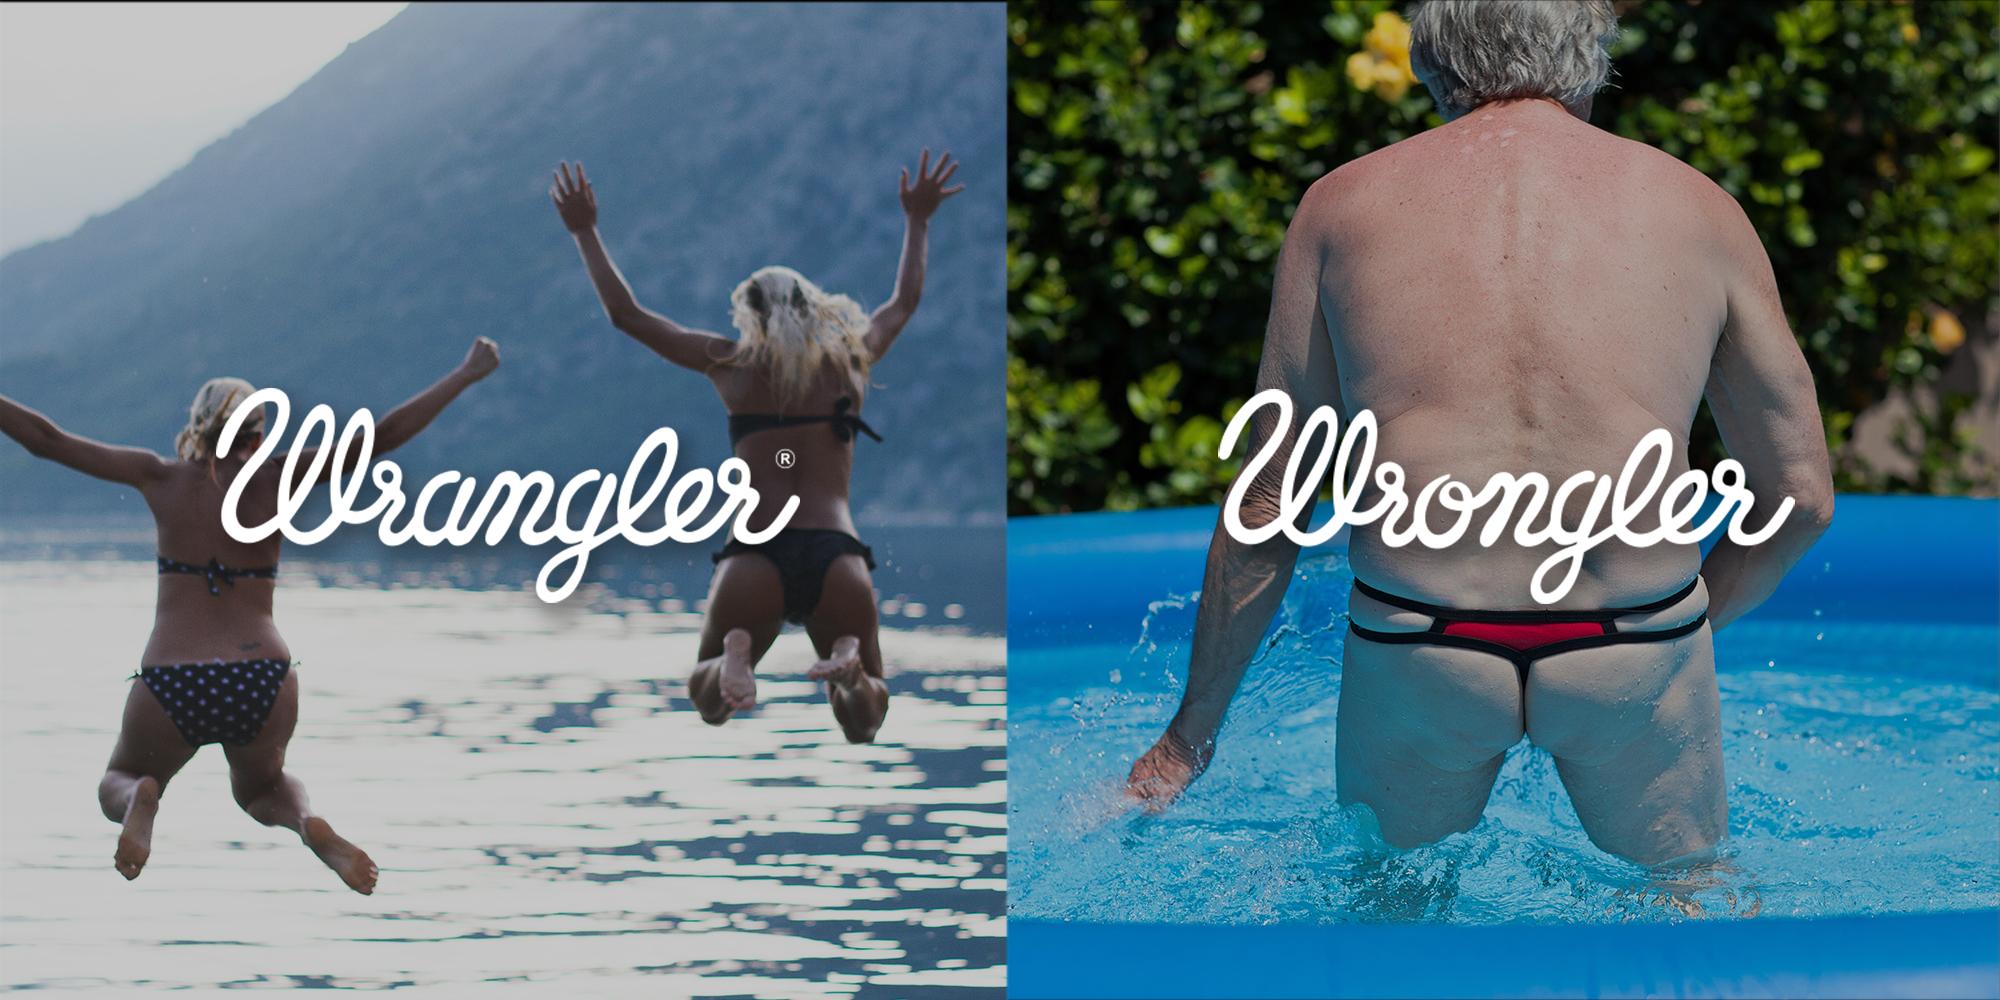 WRANGLER_WRONGLER__0012_2